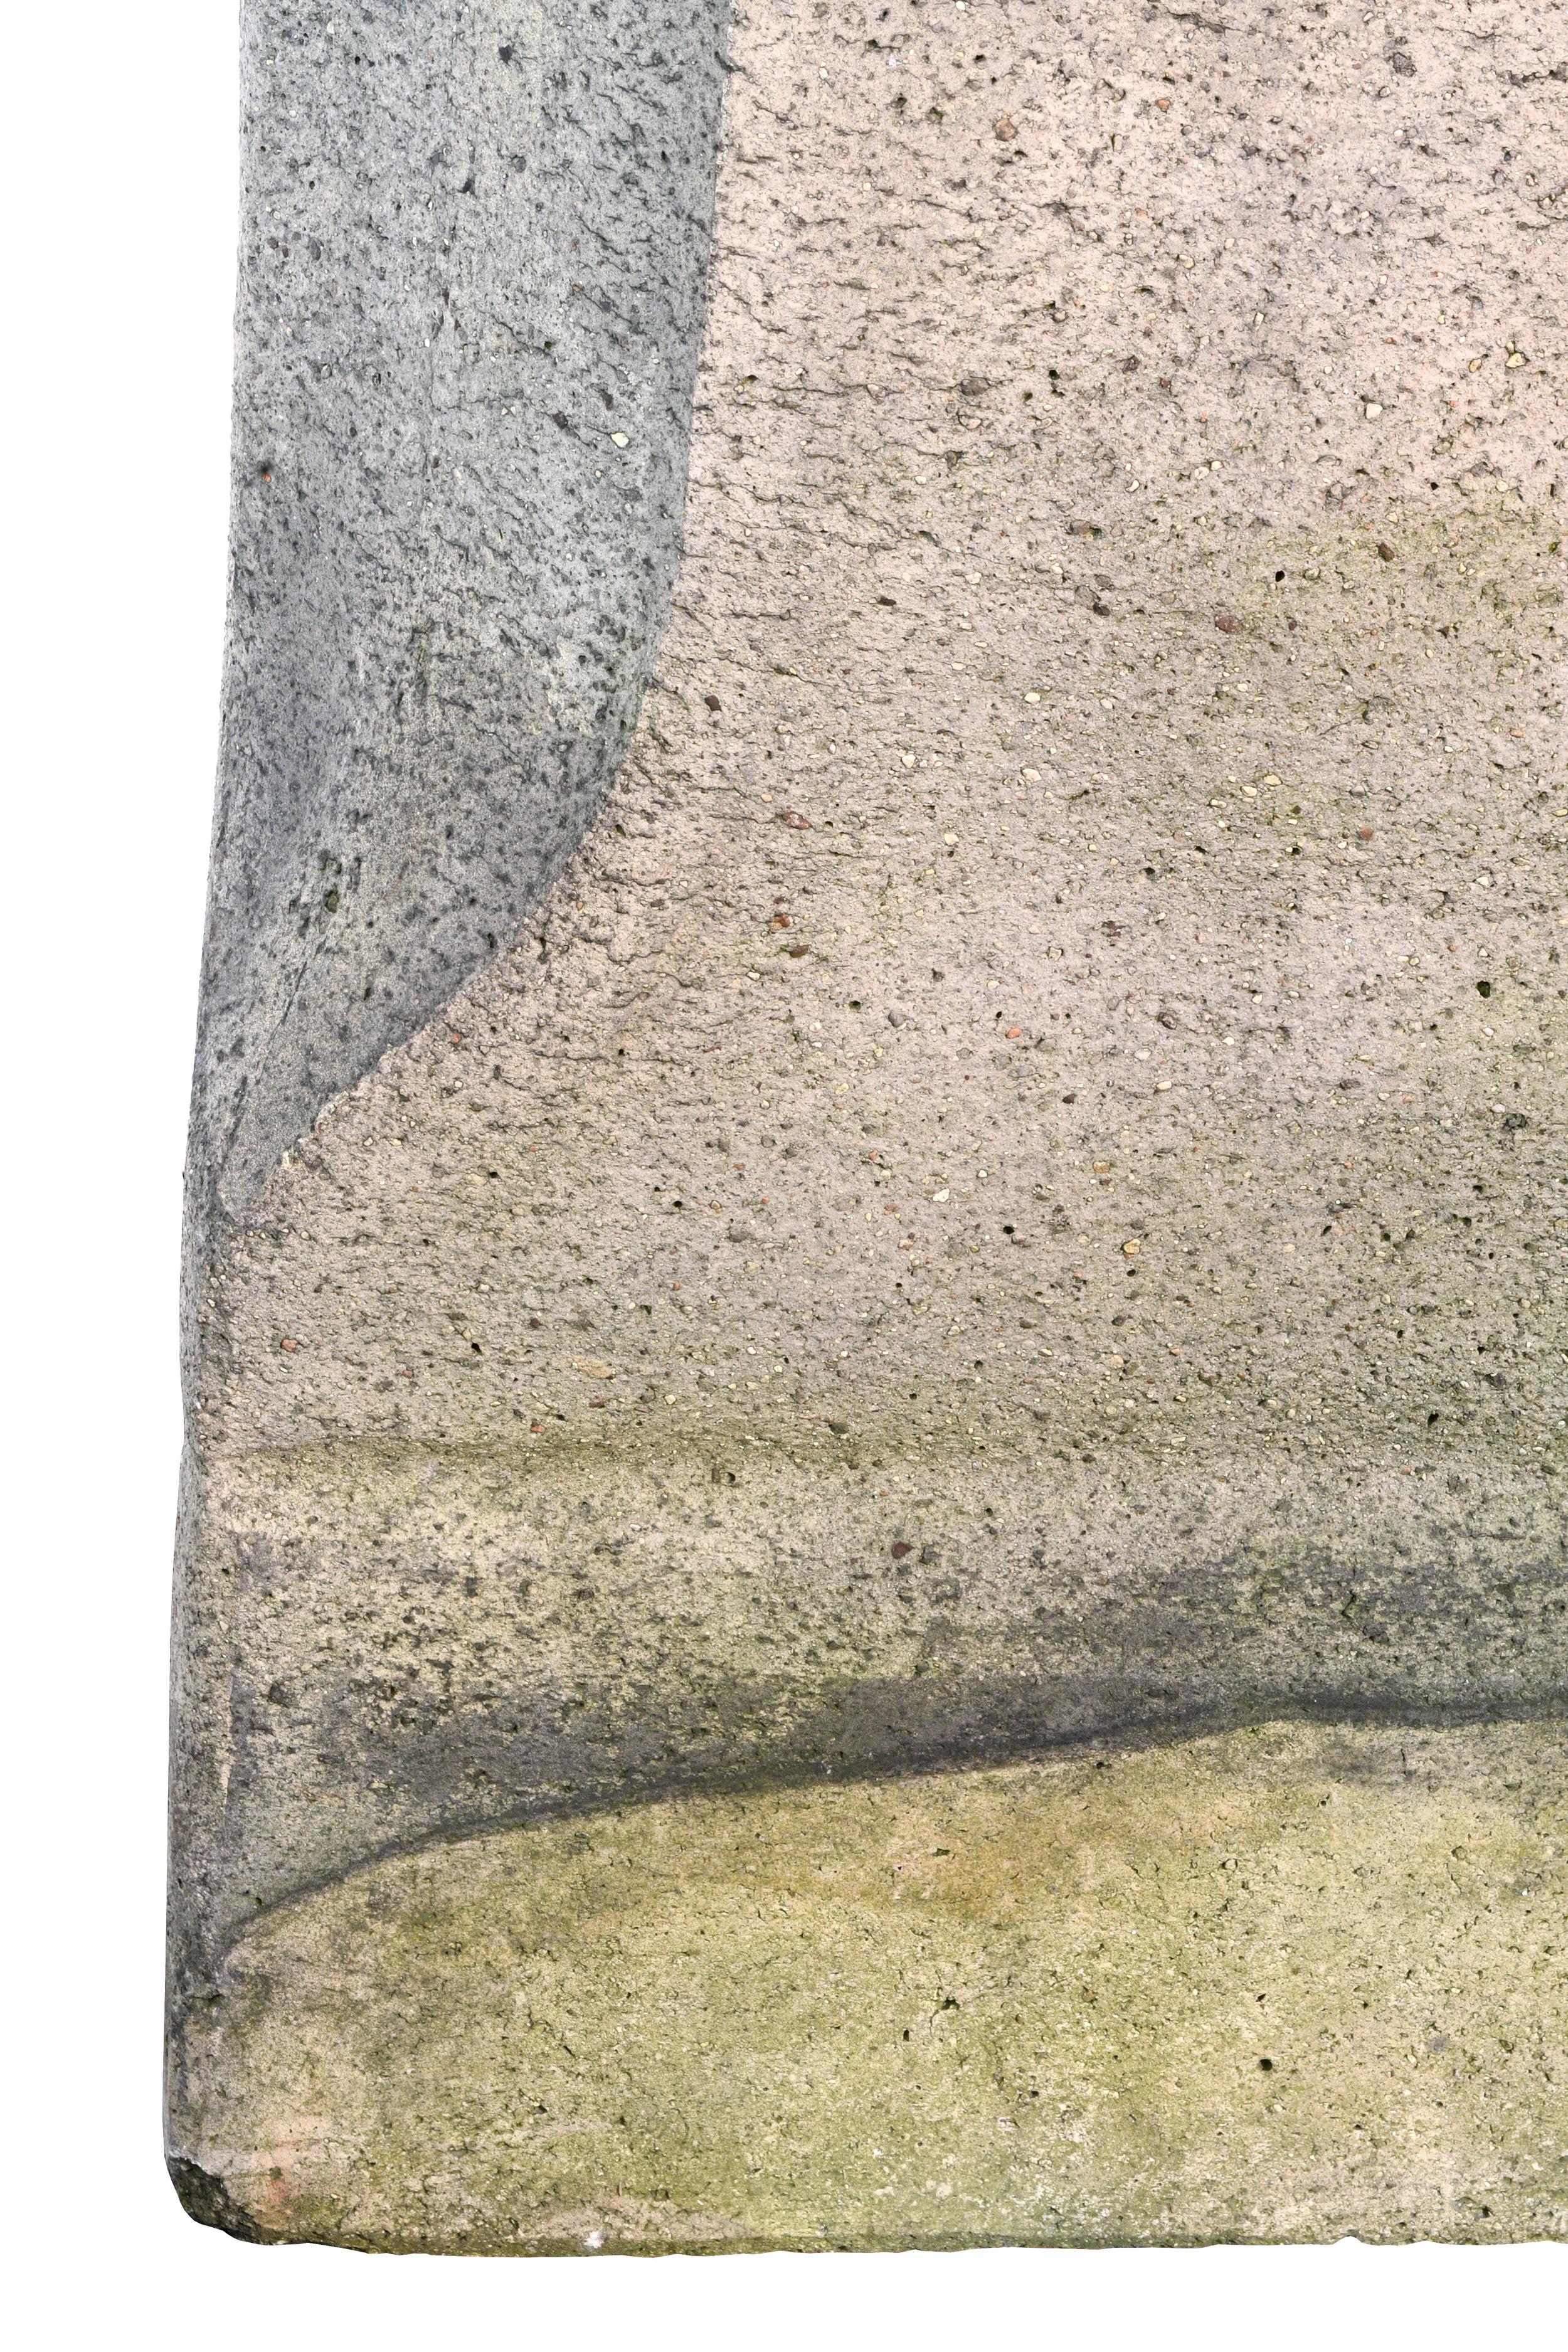 46480-chimney-pot-with-crown-bottom-deatil.jpg